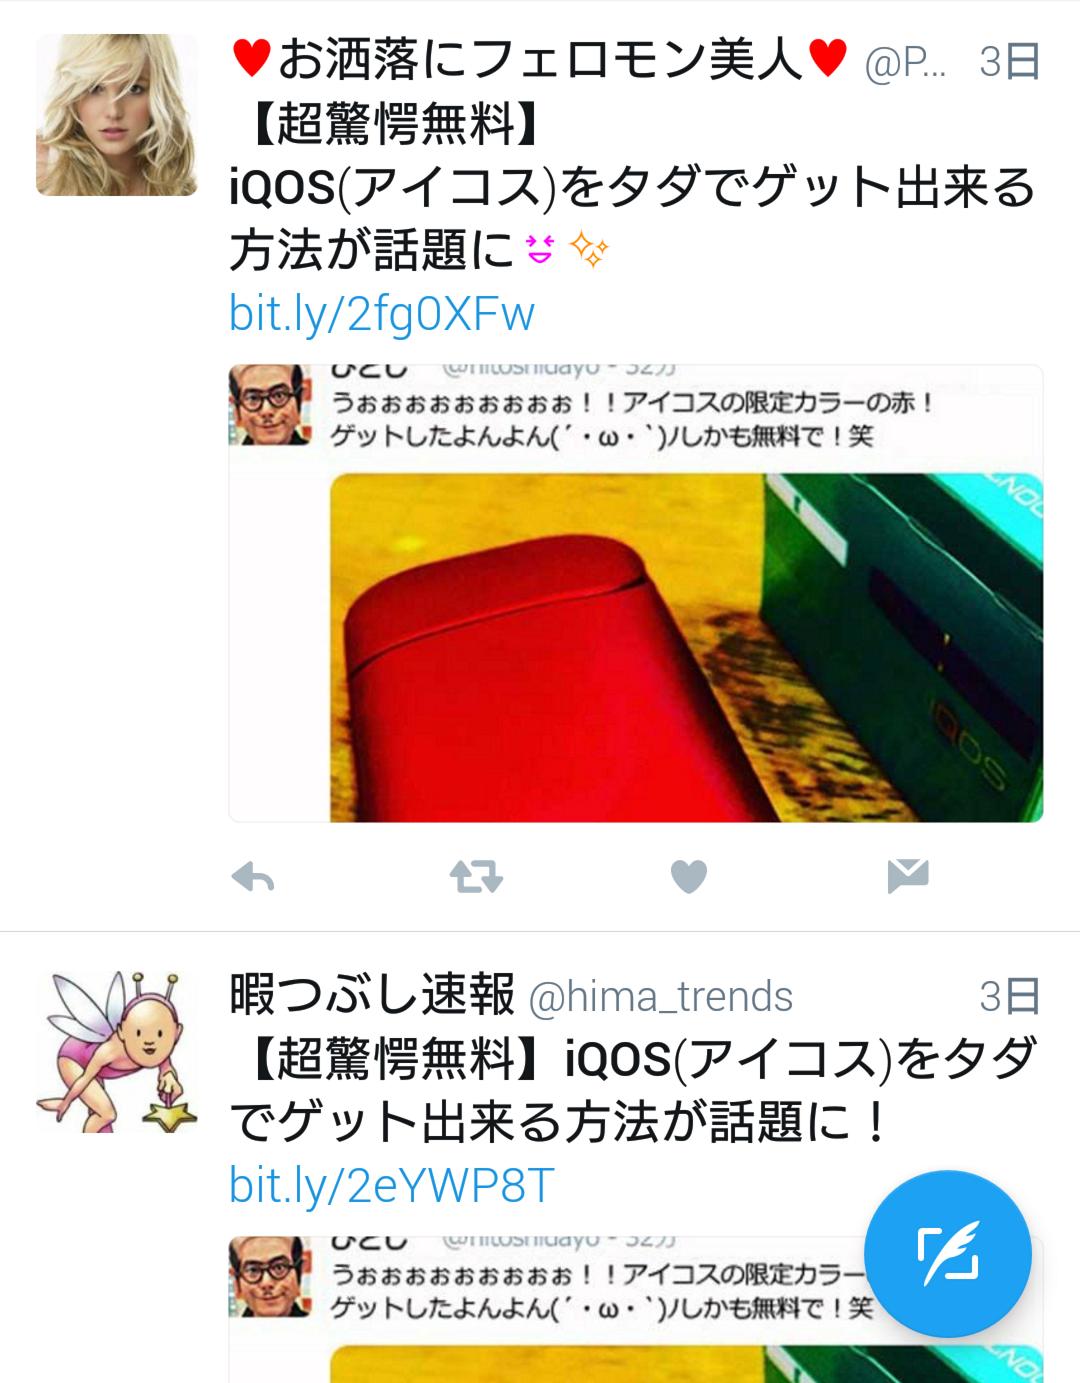 キラキラウォーカー/iQOS/Twitter